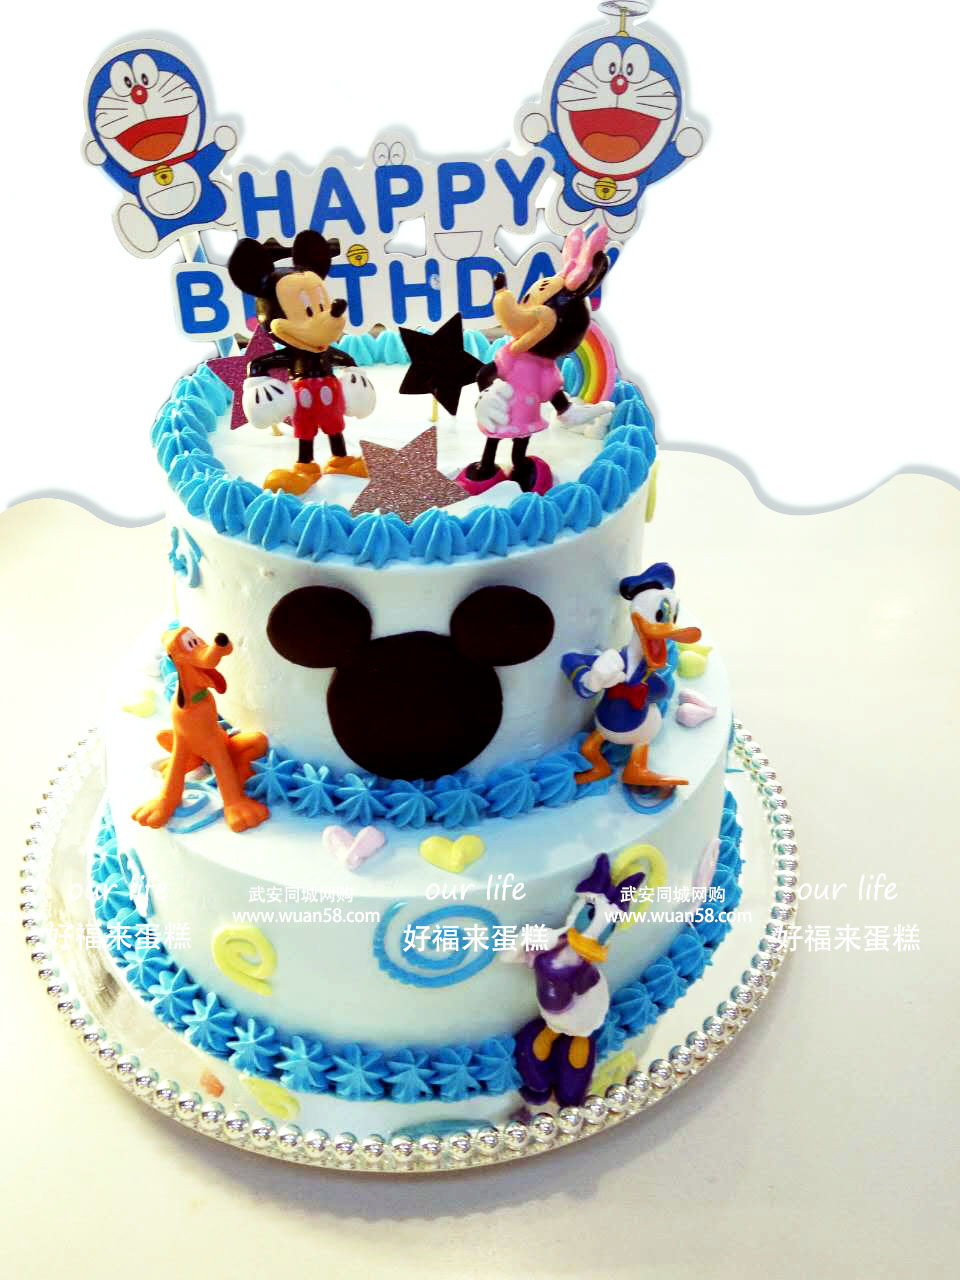 唐老鸭米老鼠 创意 双层_多层蛋糕_生日蛋糕_美食_市.